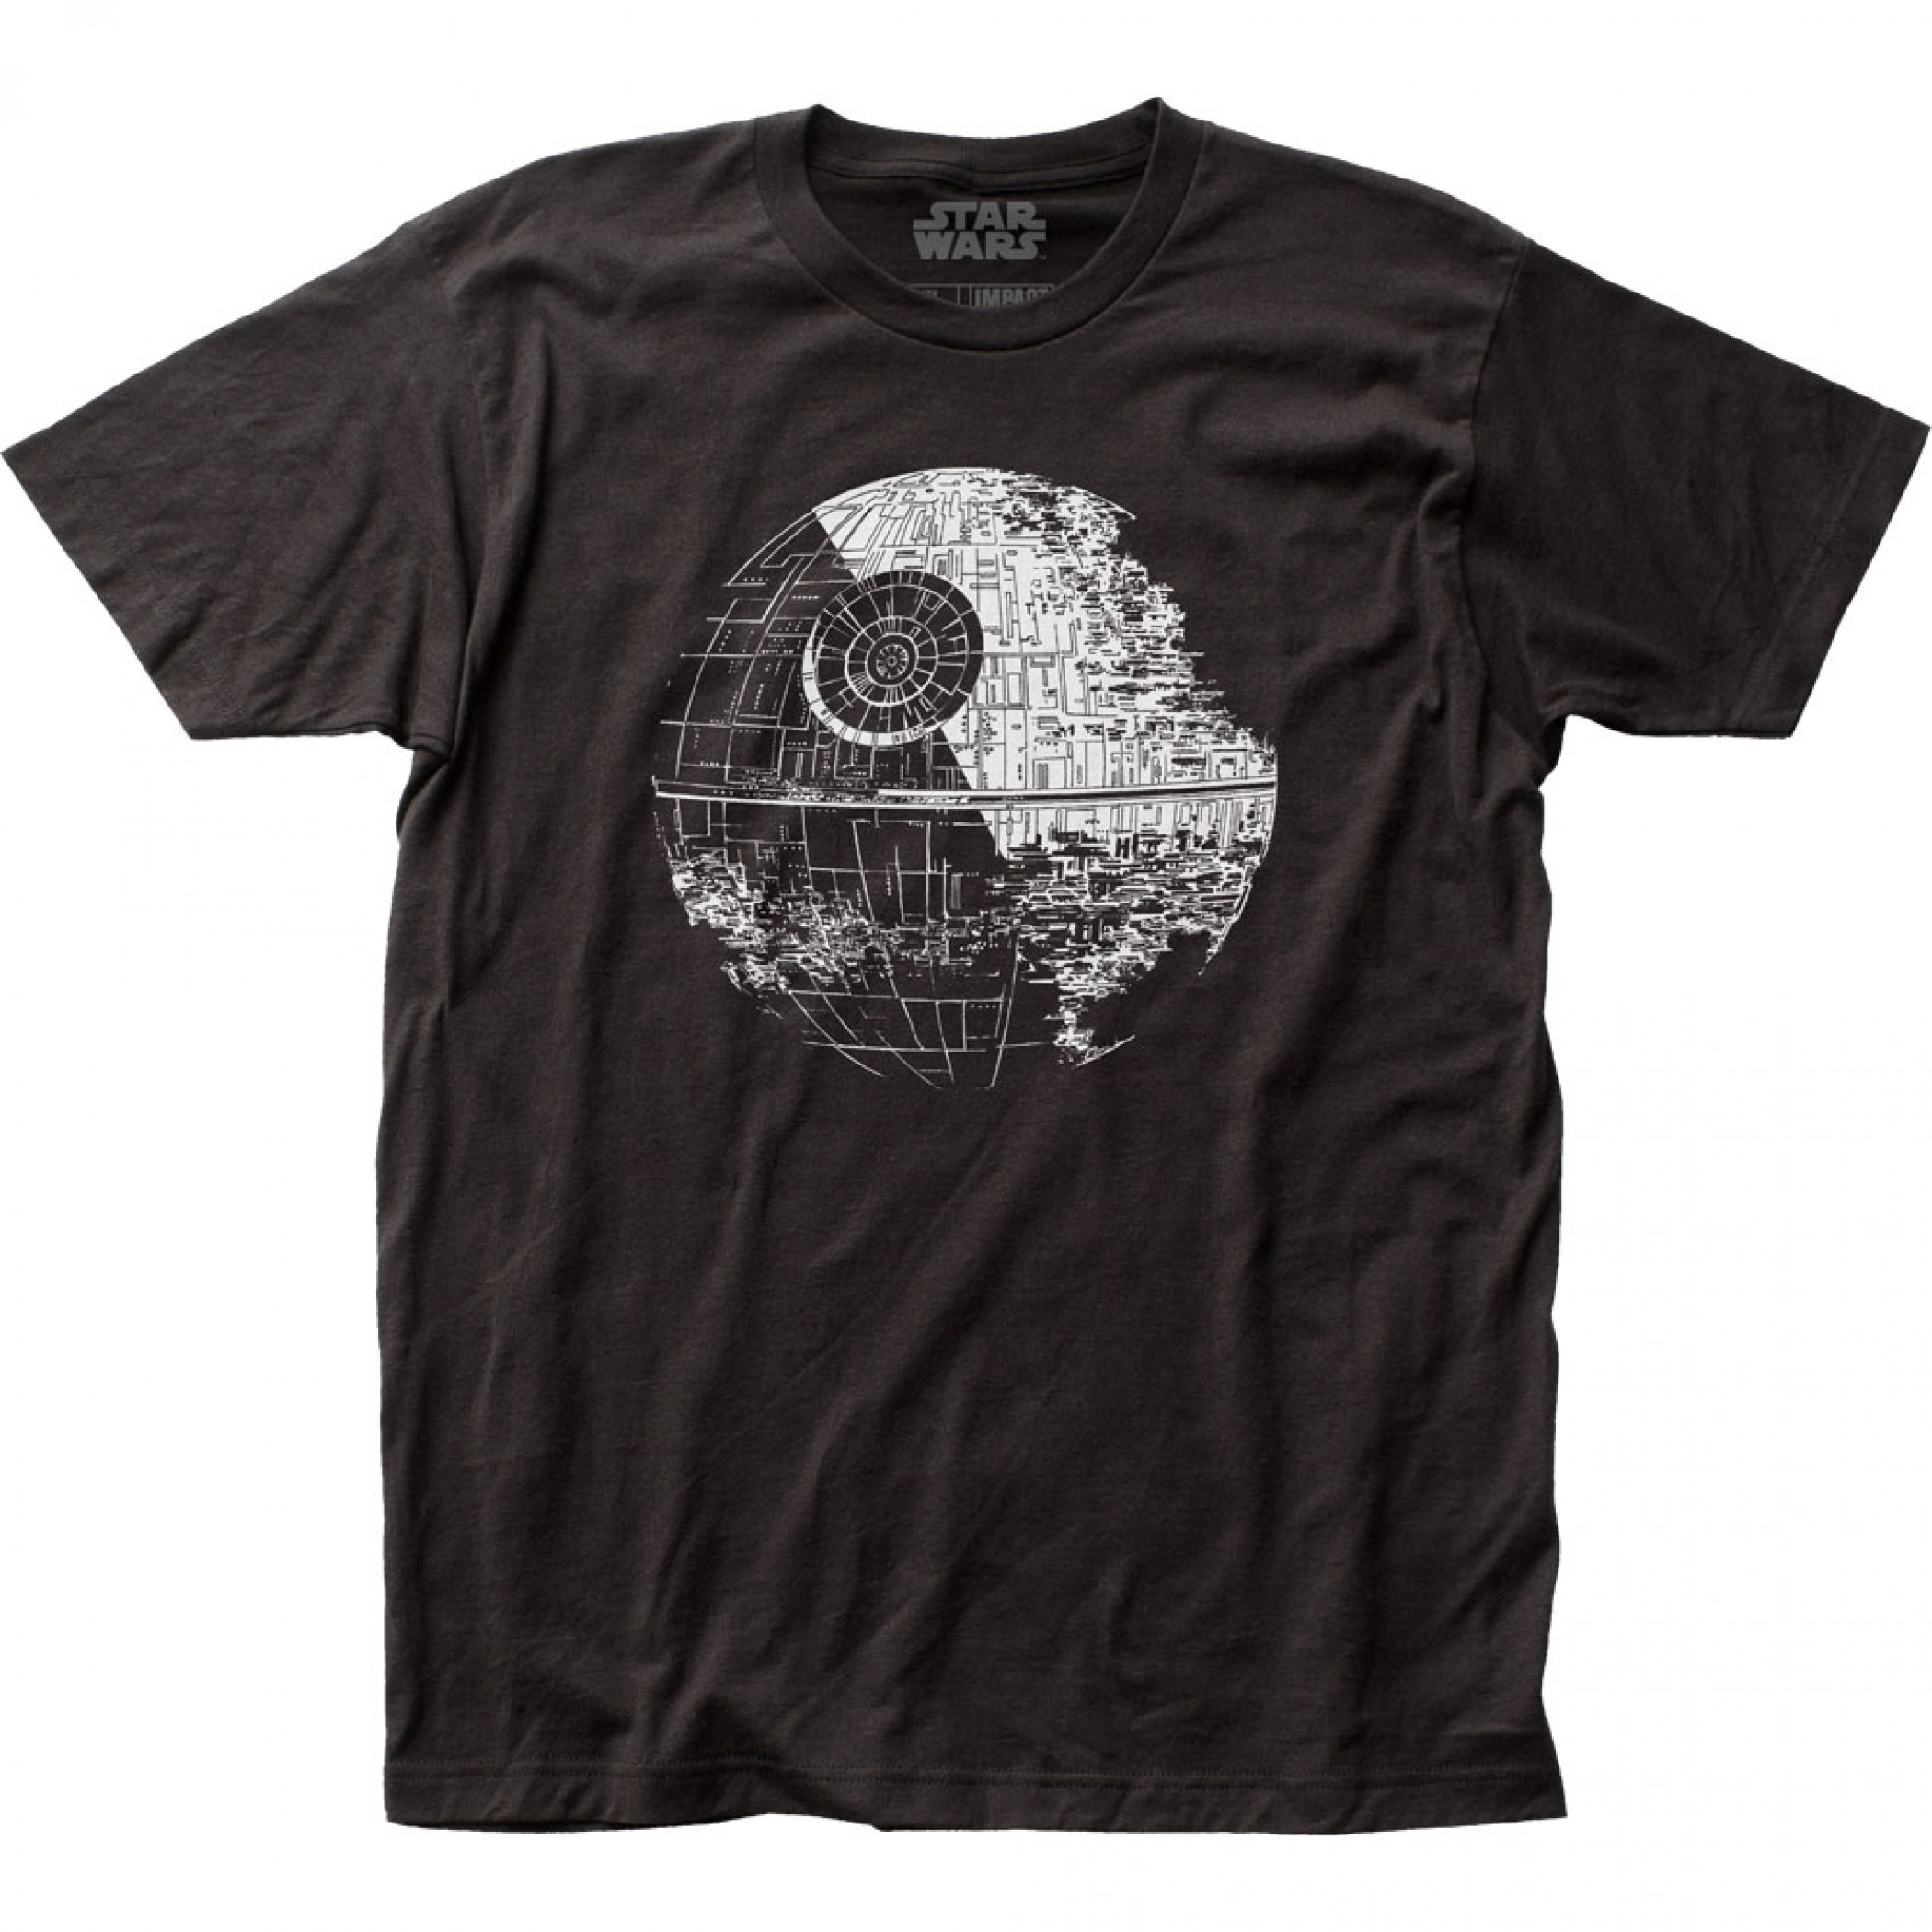 Star Wars Return of the Jedi Death Star T-Shirt